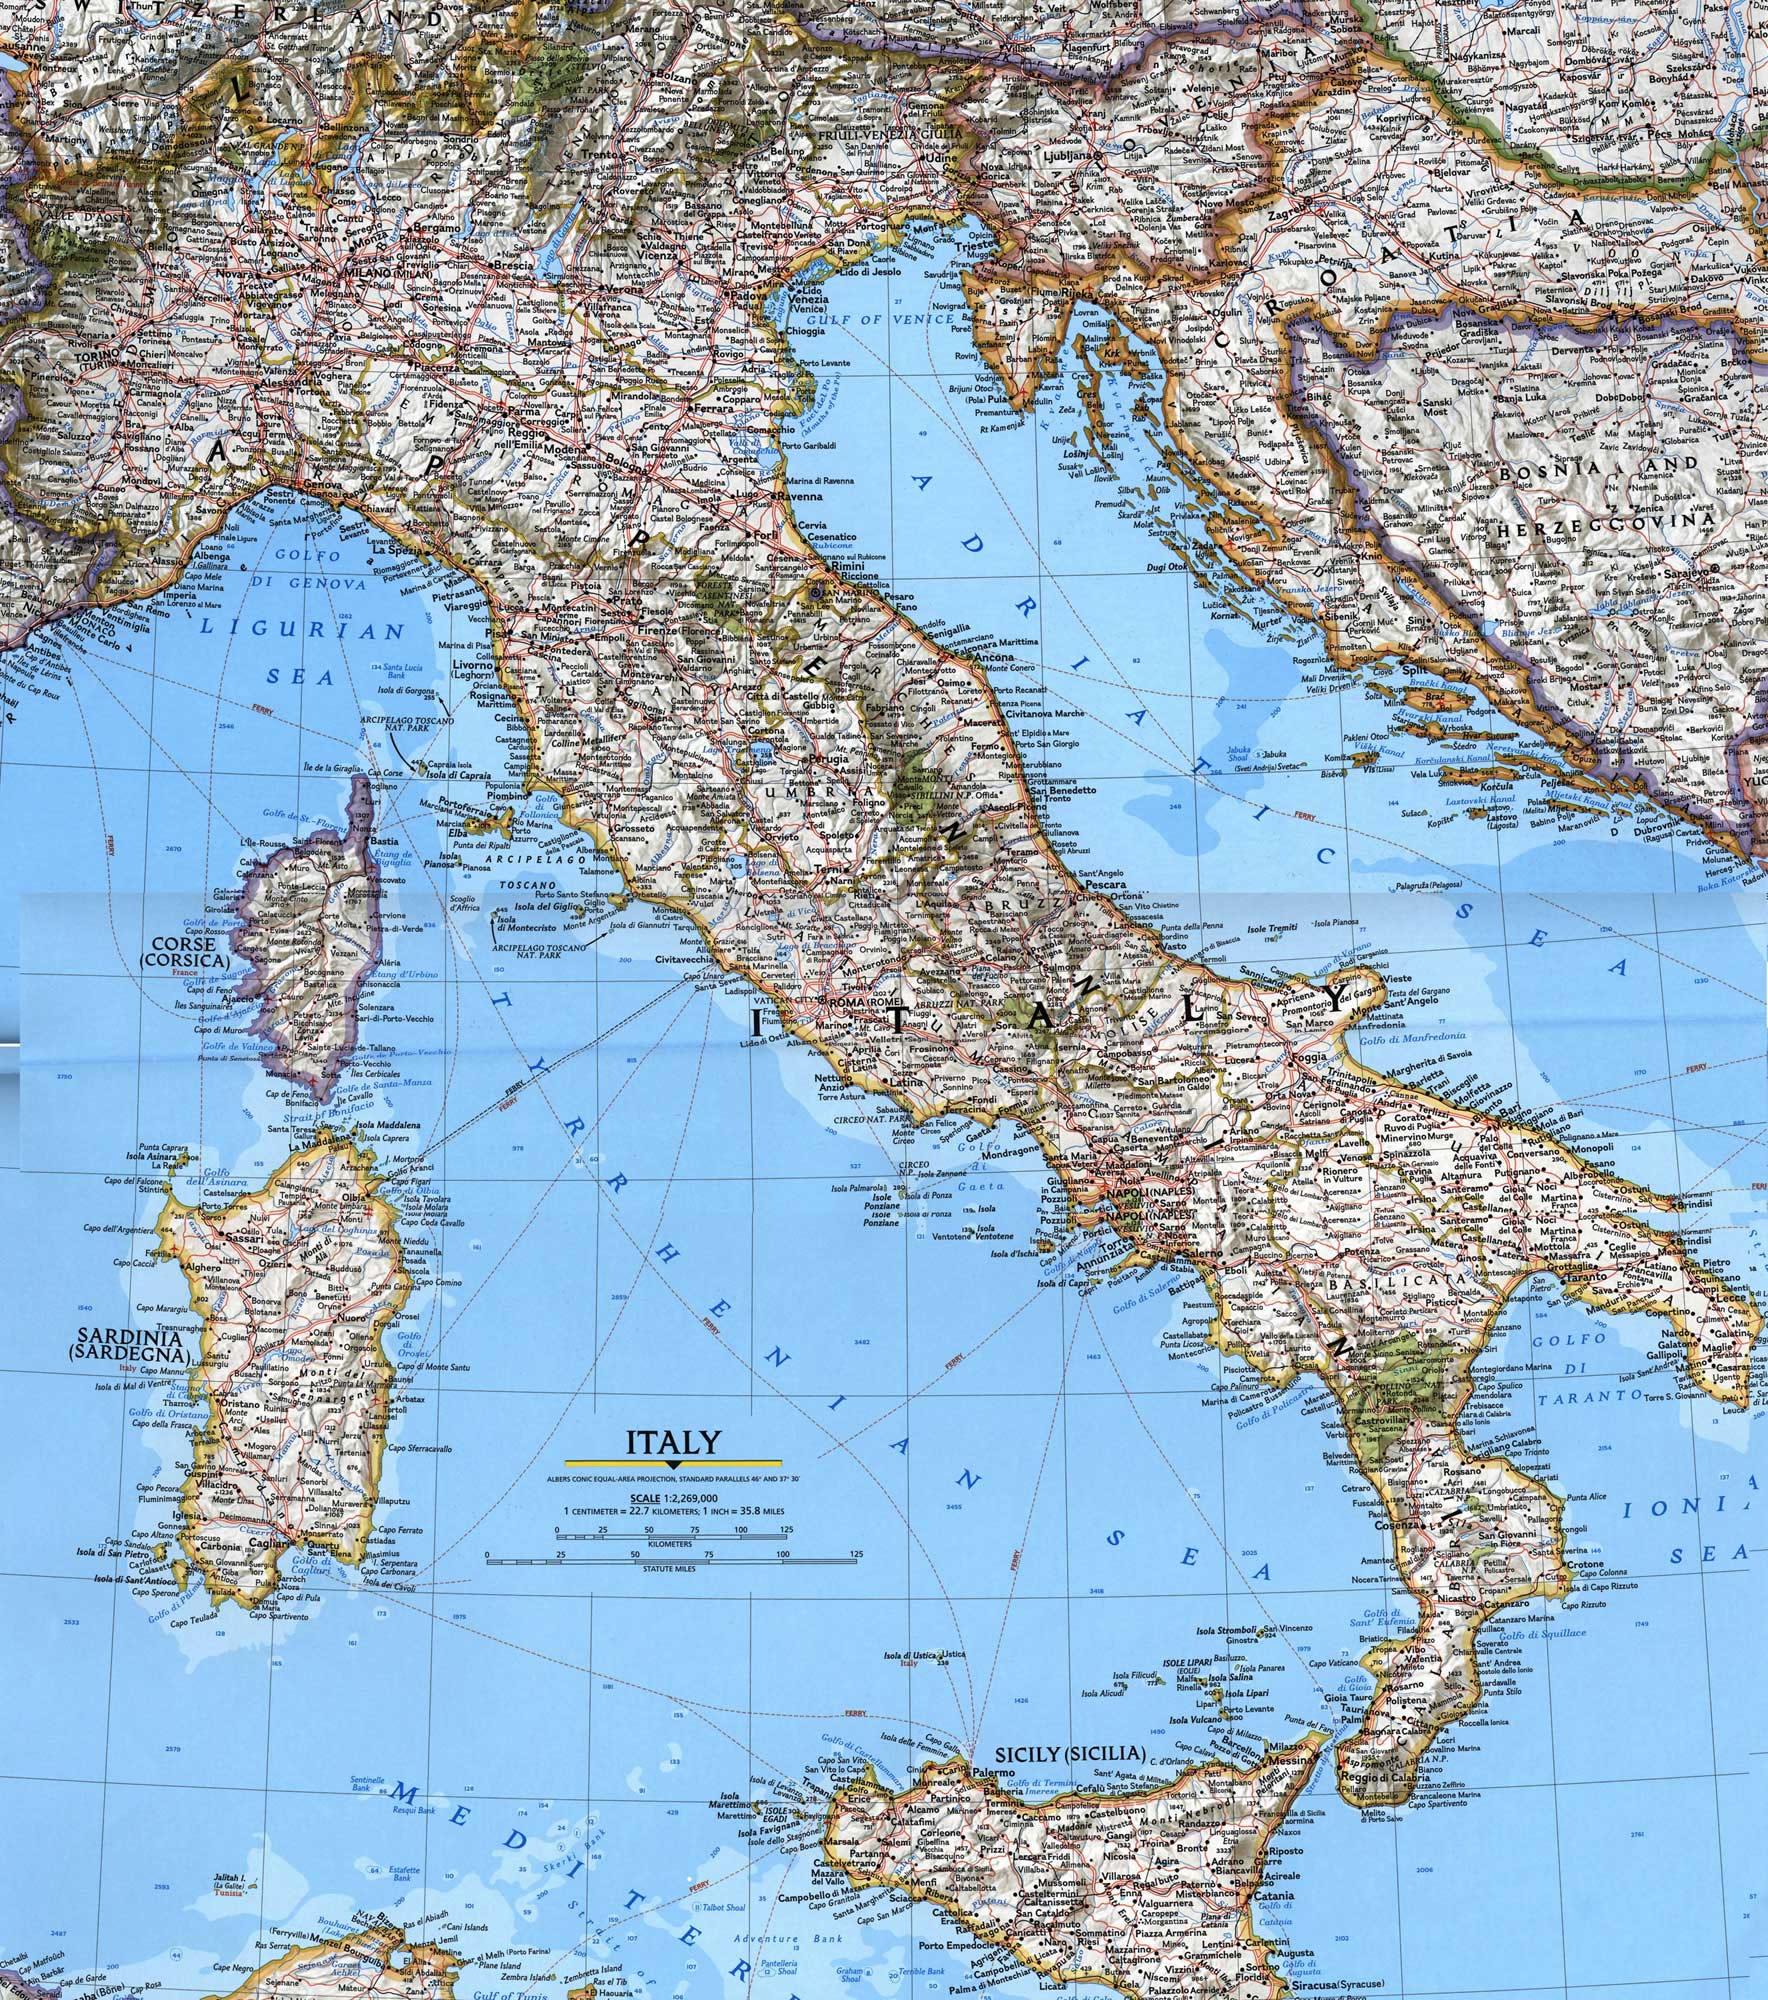 Grande carte Italie, Grande carte de l'Italie